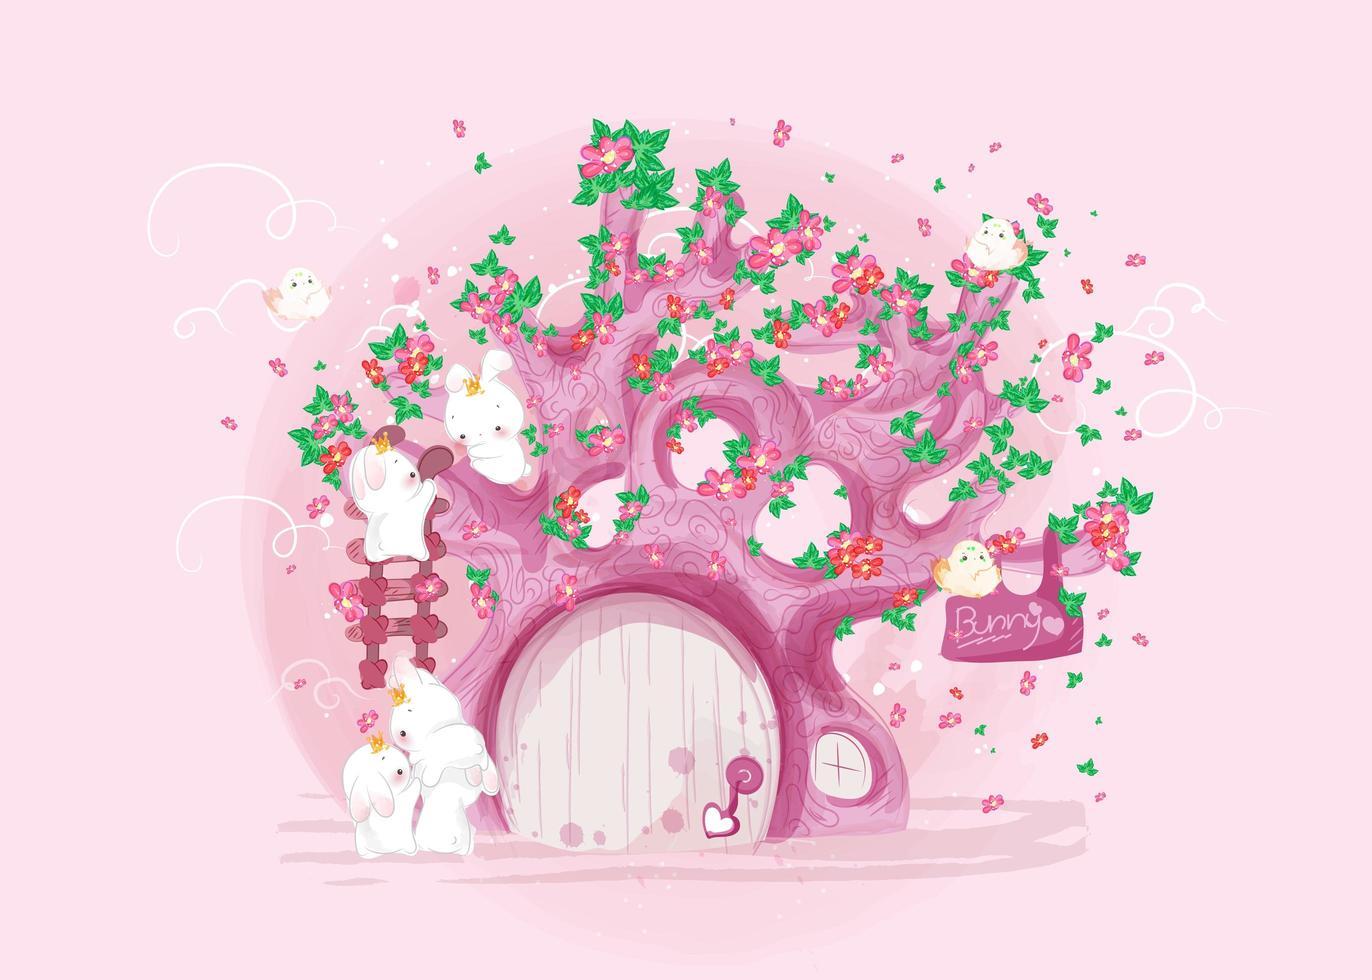 coelho e rosa árvore vetor